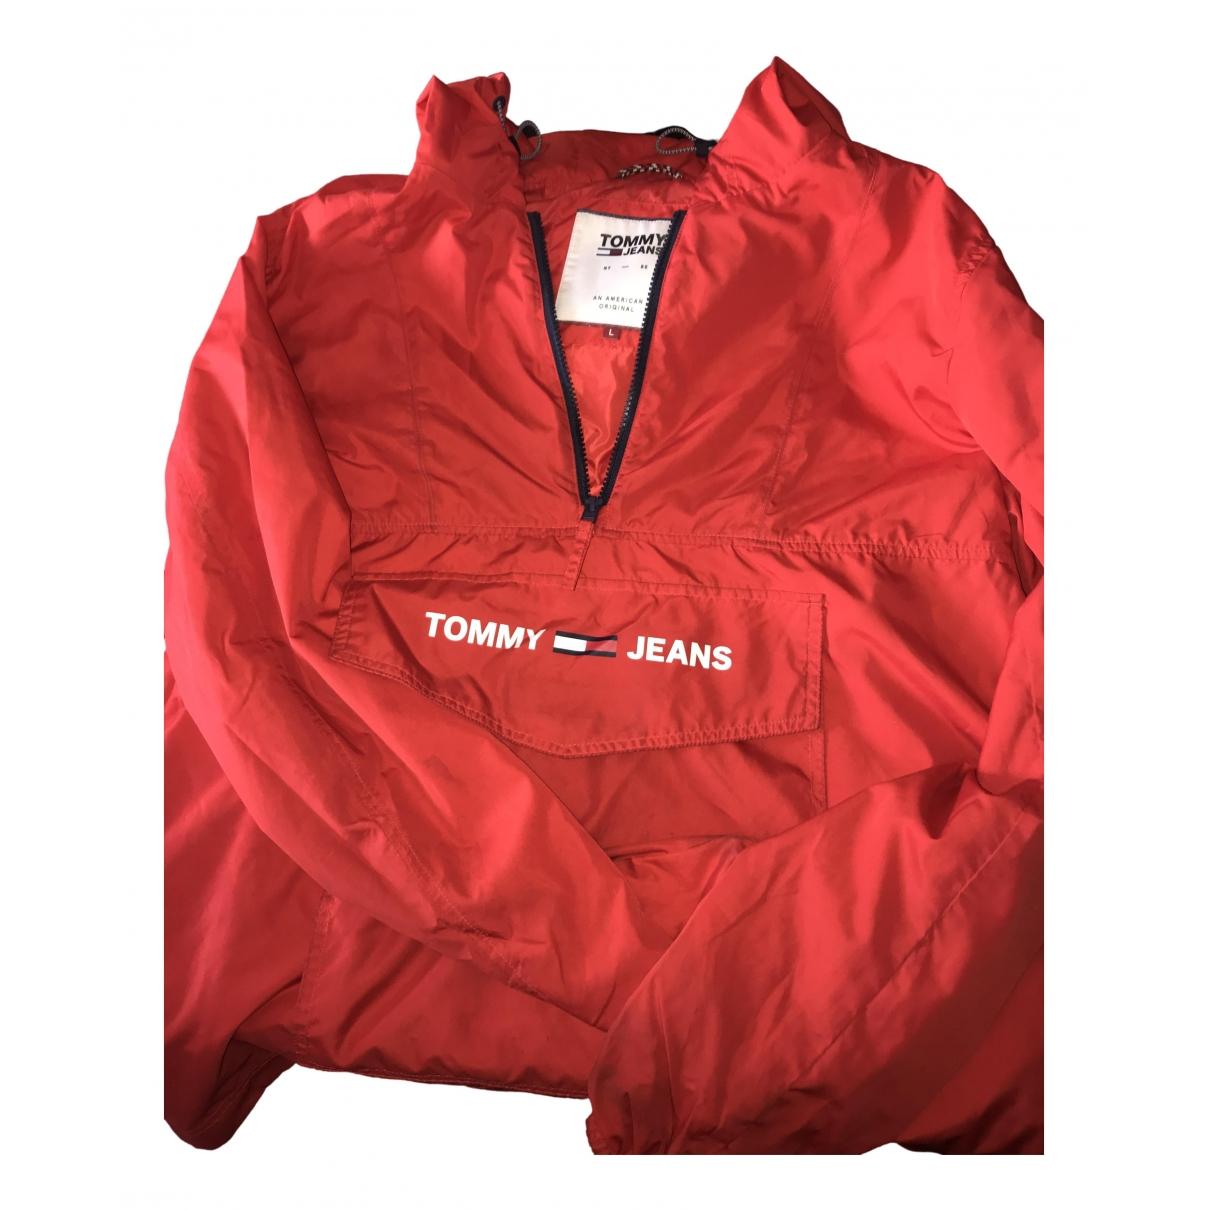 Tommy Hilfiger \N Red jacket for Women L International